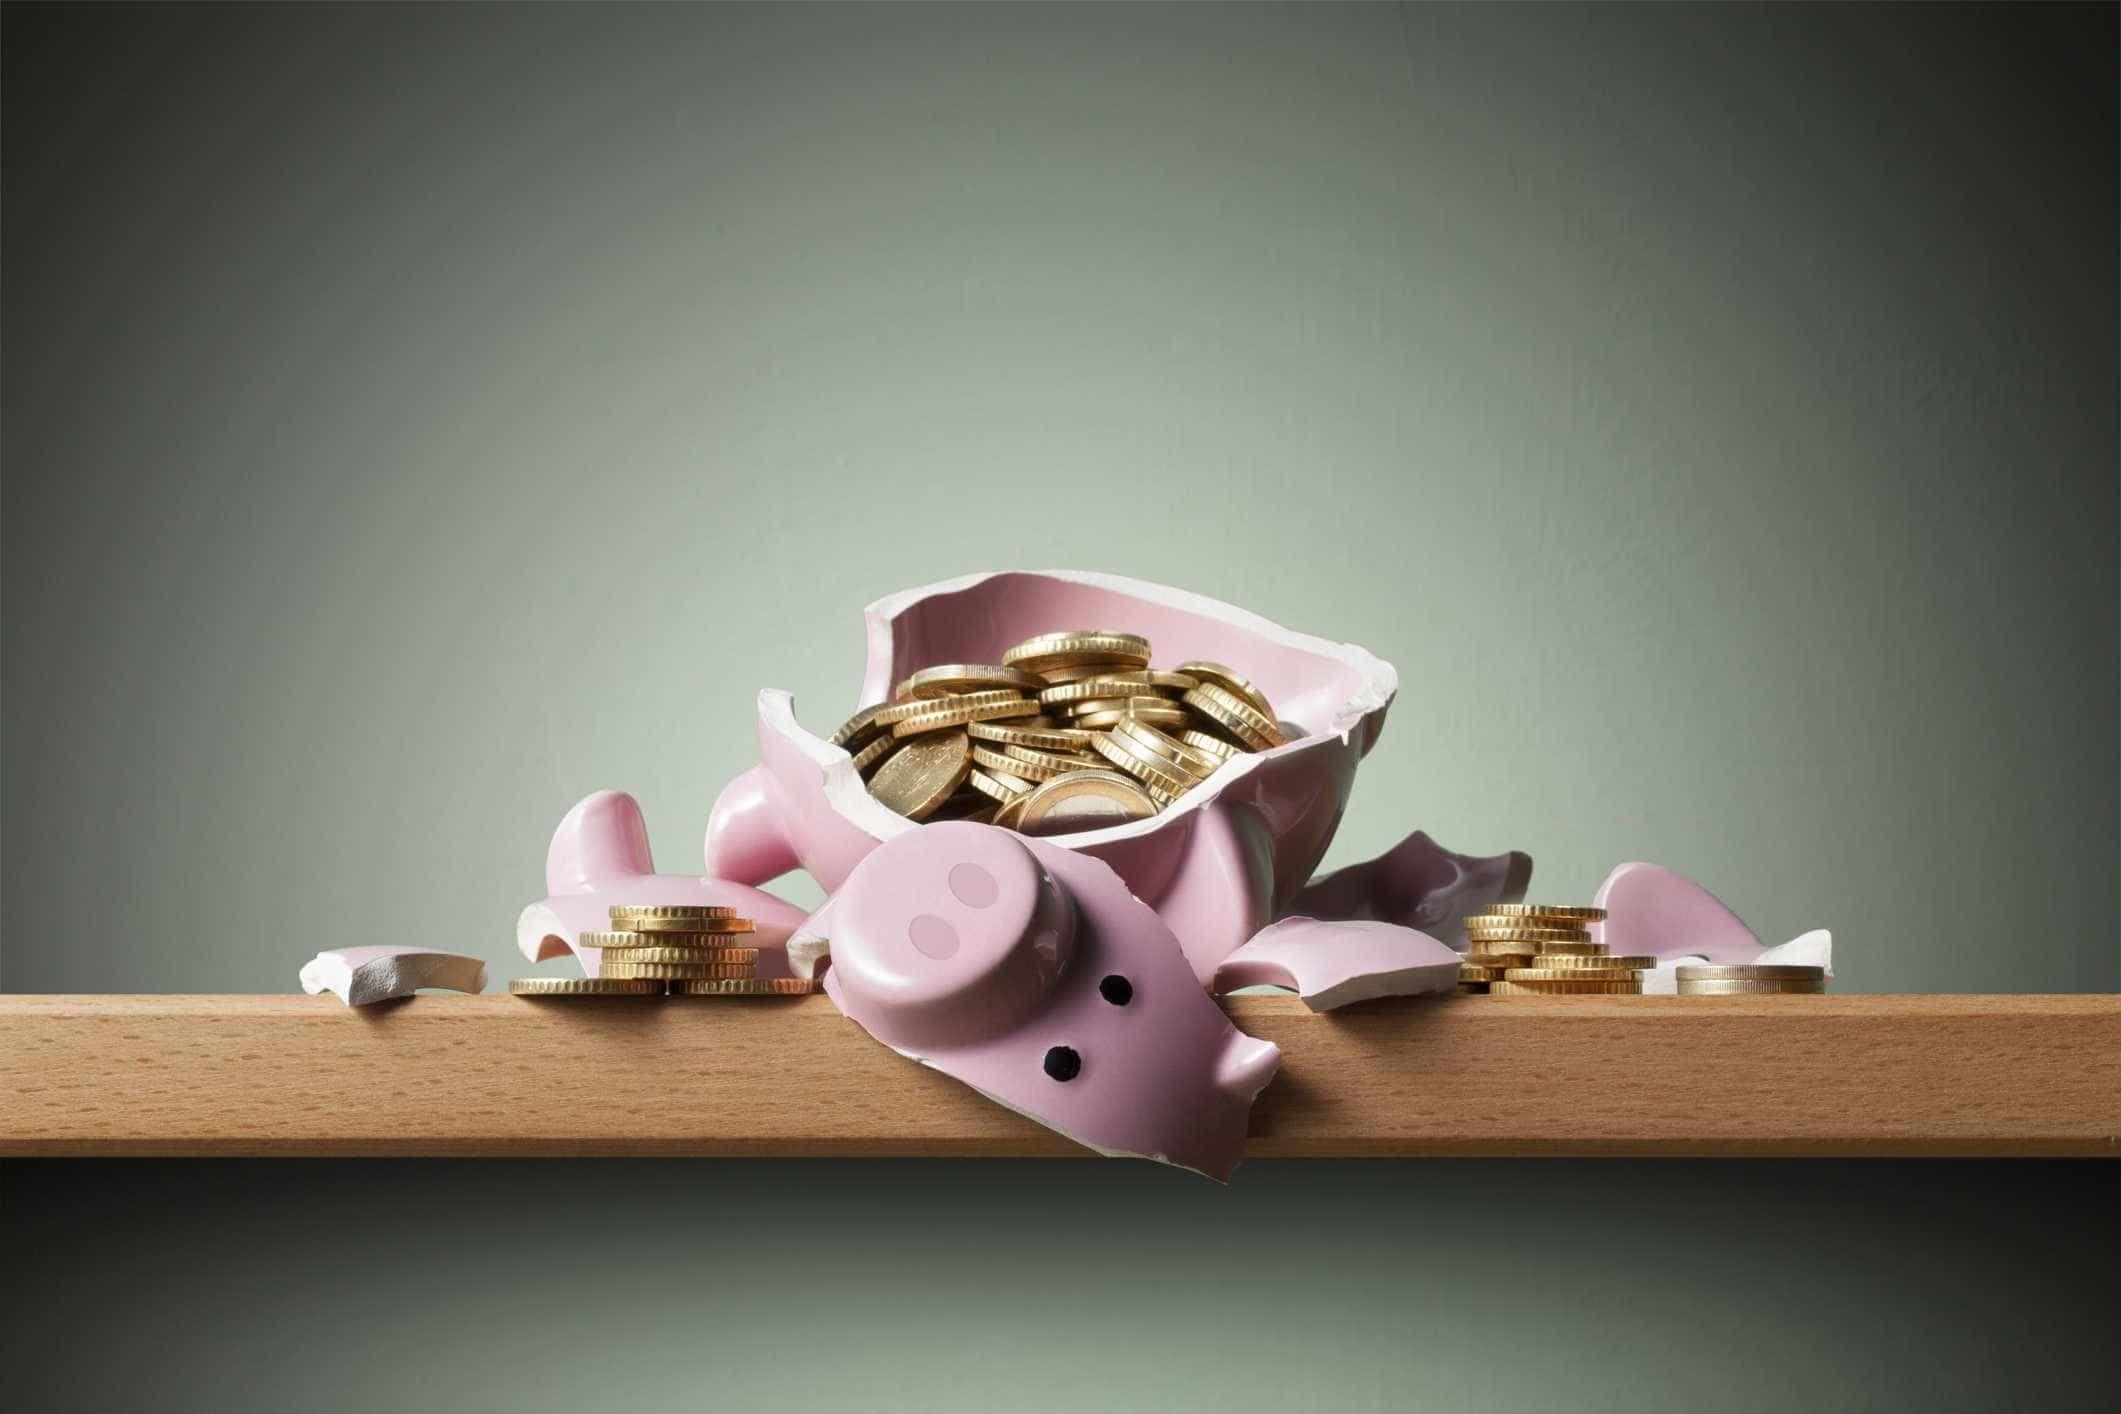 Atenção, nem todas as estratégias de poupança são 'boas'